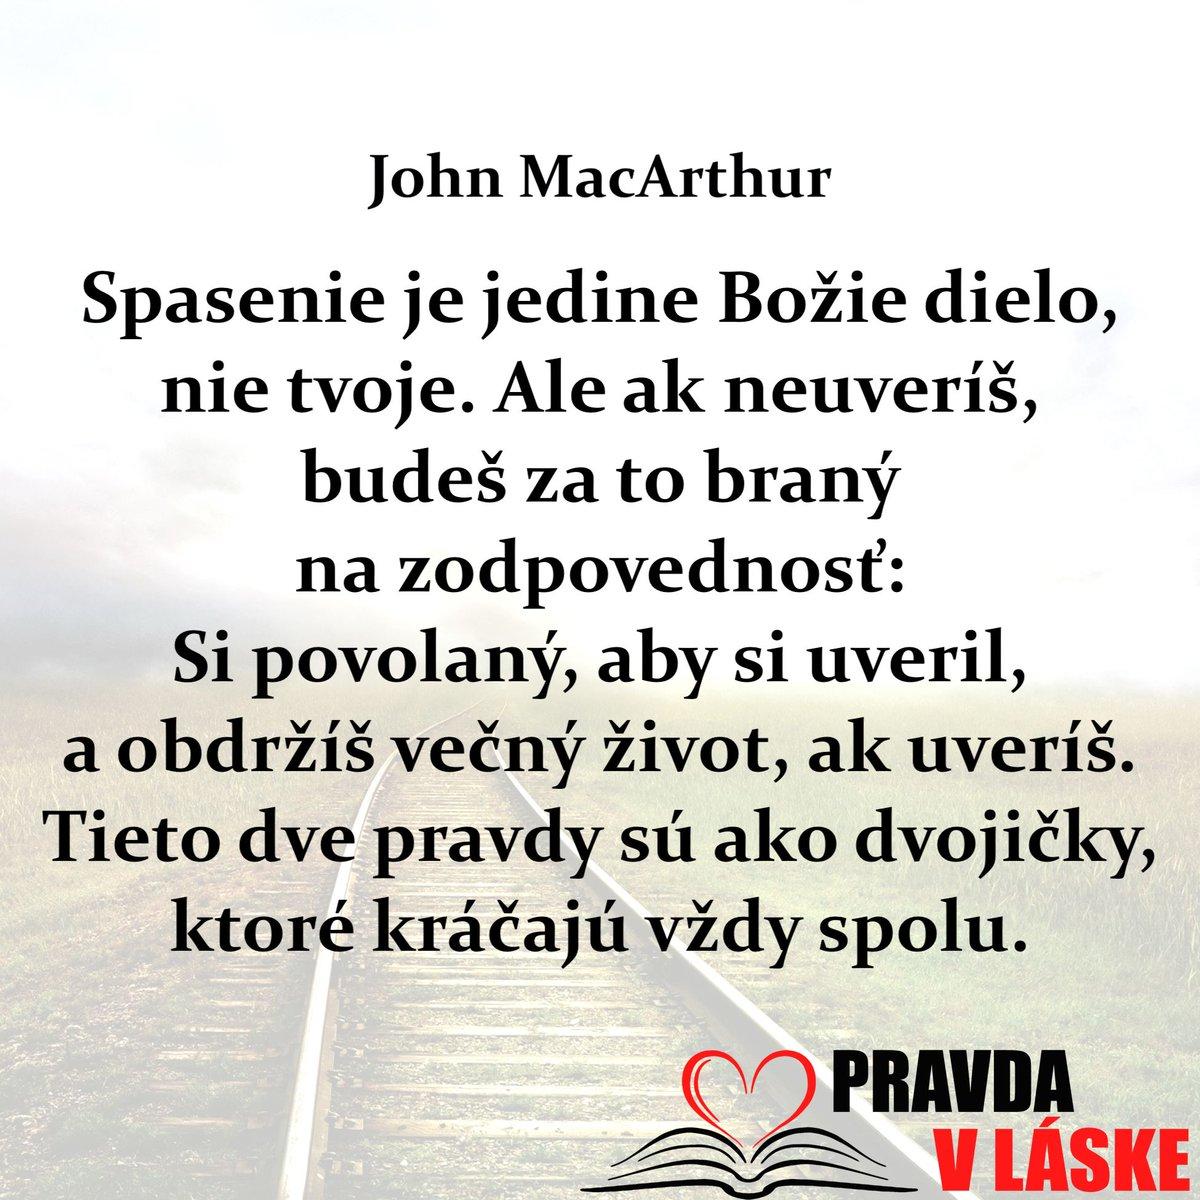 Spasenie je jedine Božie dielo, nie tvoje. Ale ak neuveríš, budeš za to braný na zodpovednosť: Si povolaný, aby si uveril, a obdržíš večný život, ak uveríš. Tieto dve pravdy sú ako dvojičky, ktoré kráčajú vždy spolu. John MacArthur pic.twitter.com/9bnjr2y11H